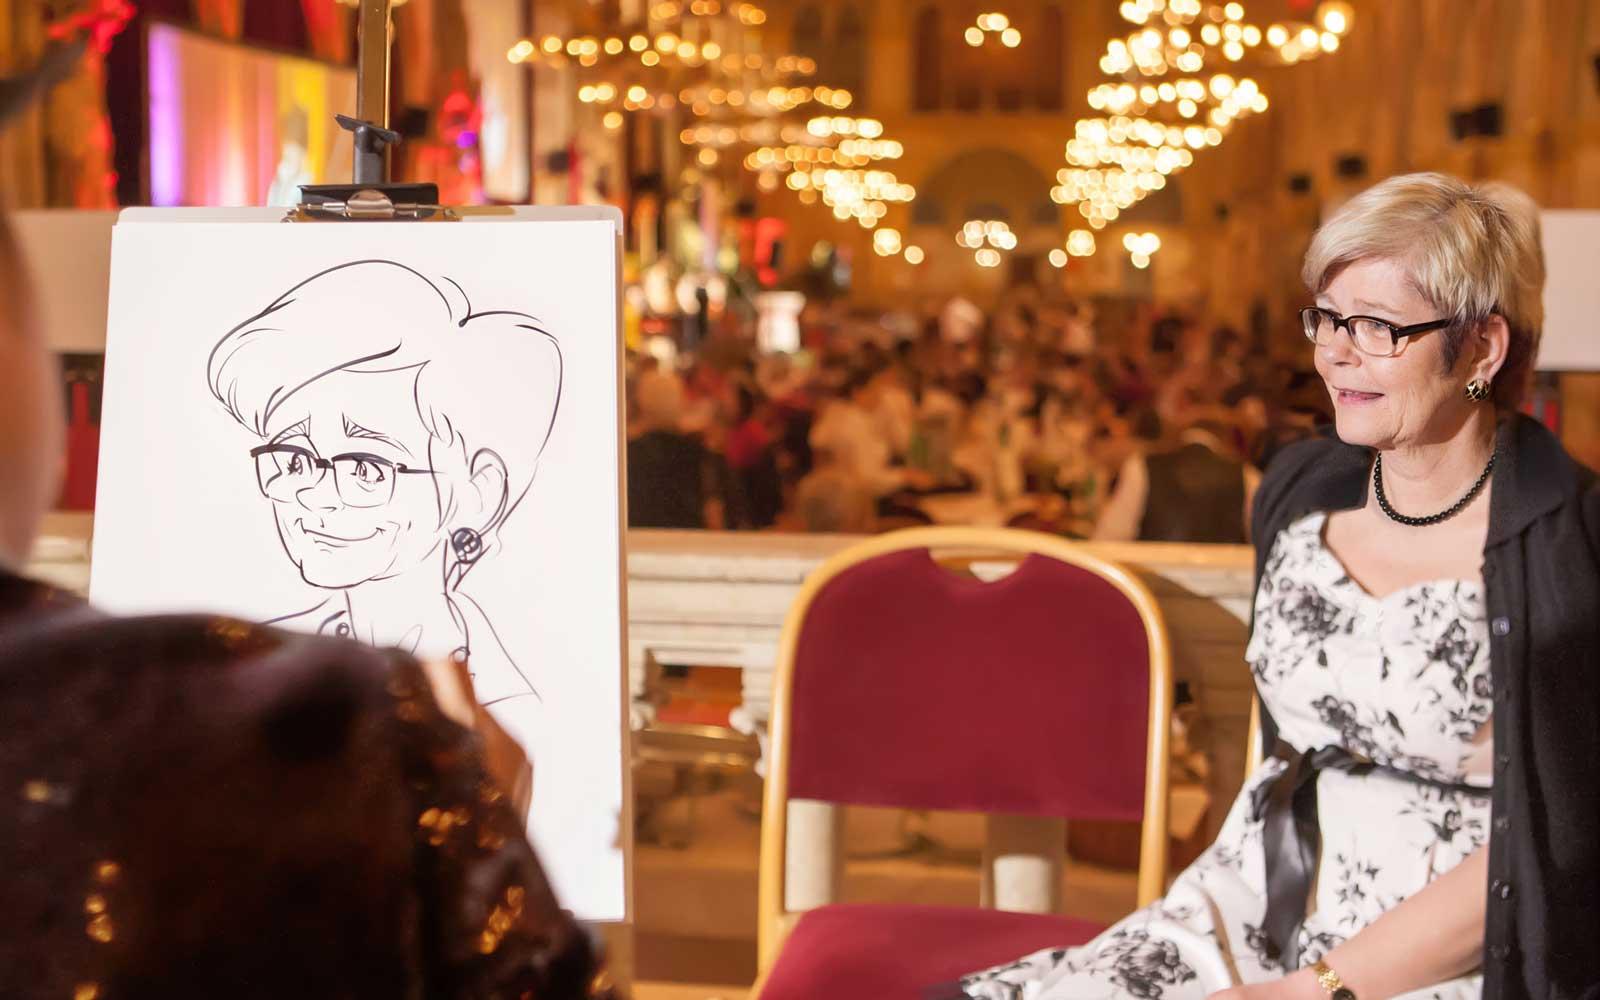 KarikKarikaturist und Schnellzeichner für Firmenveranstaltungen in Wien und Umgebung